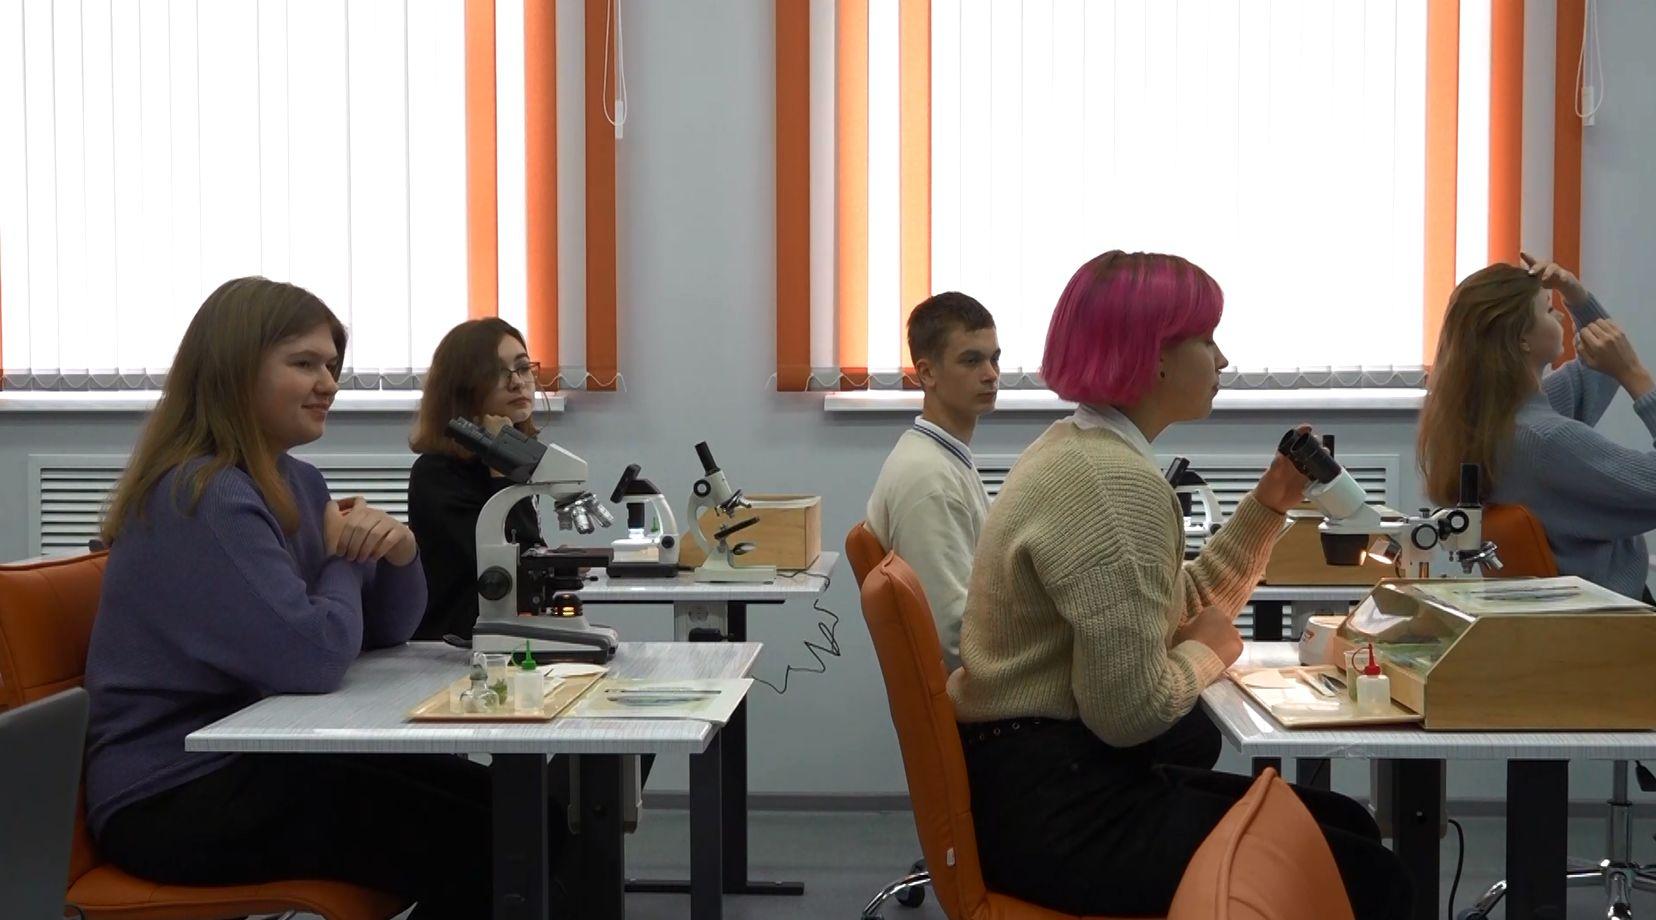 Провинциальный колледж Ярославля расширил спектр лабораторных работ благодаря новому высокотехнологичному оборудованию